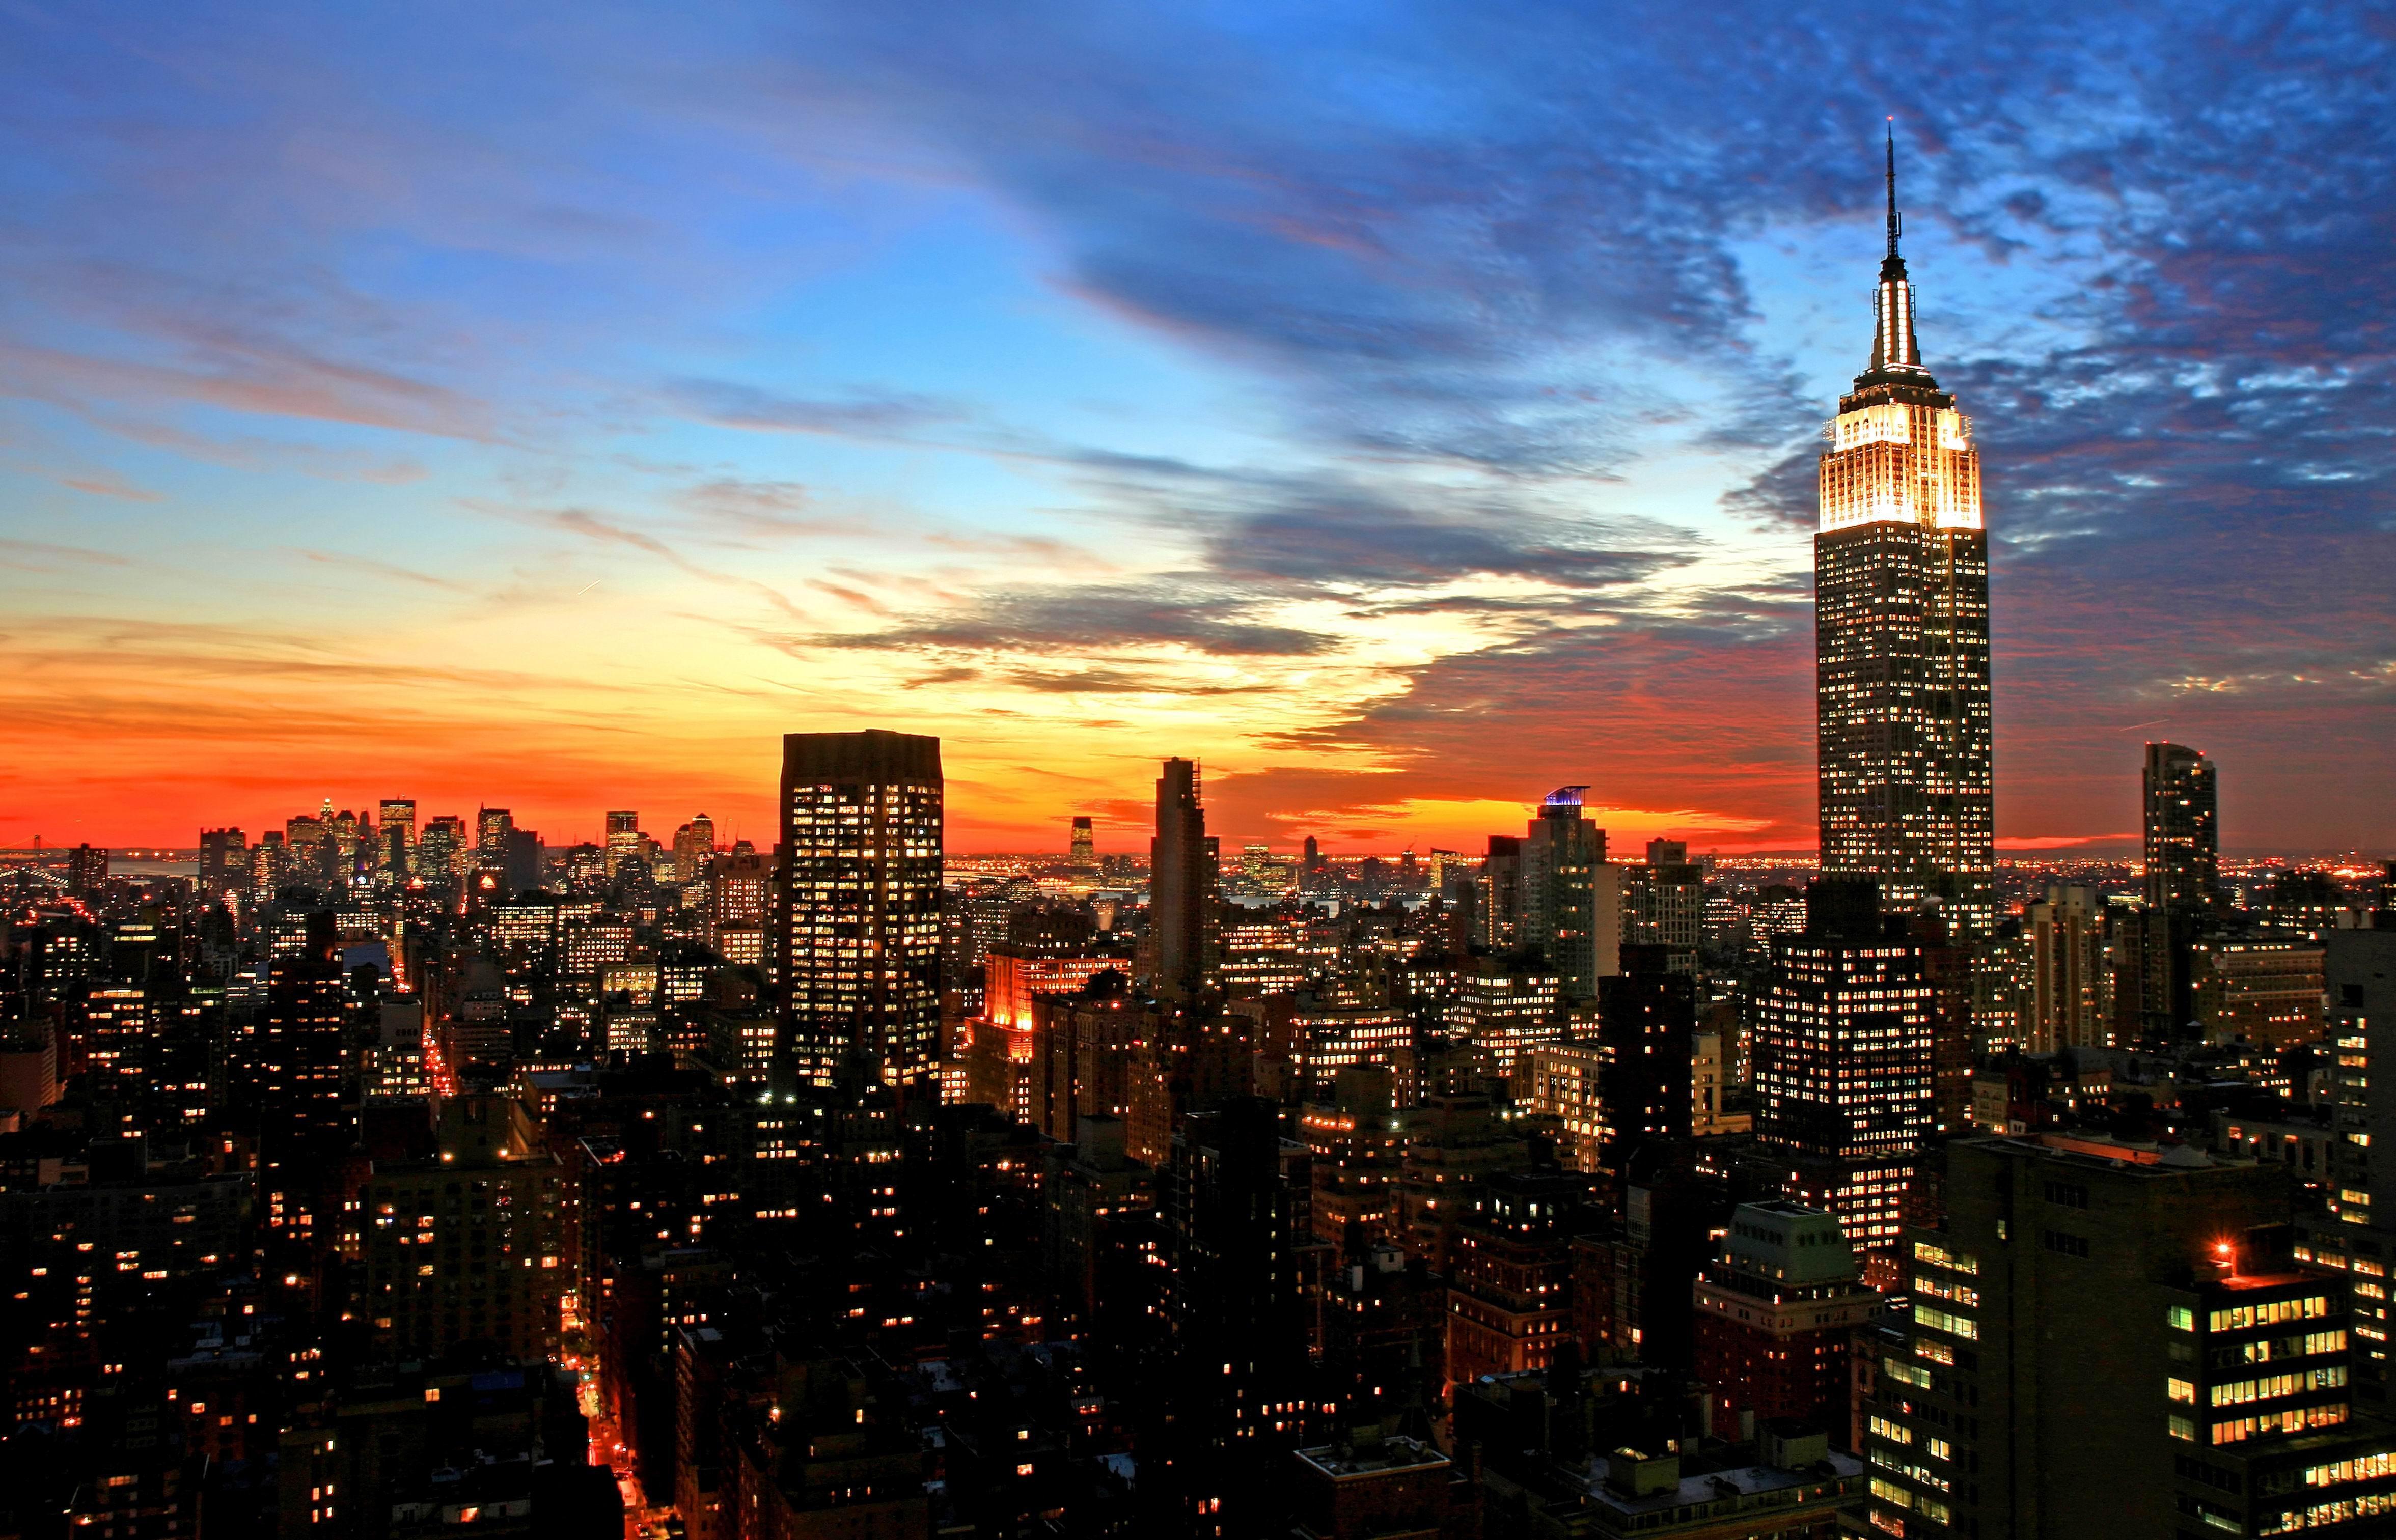 Description Download New York City Skyline Ultra Hd Widescreen higher 4705x3025